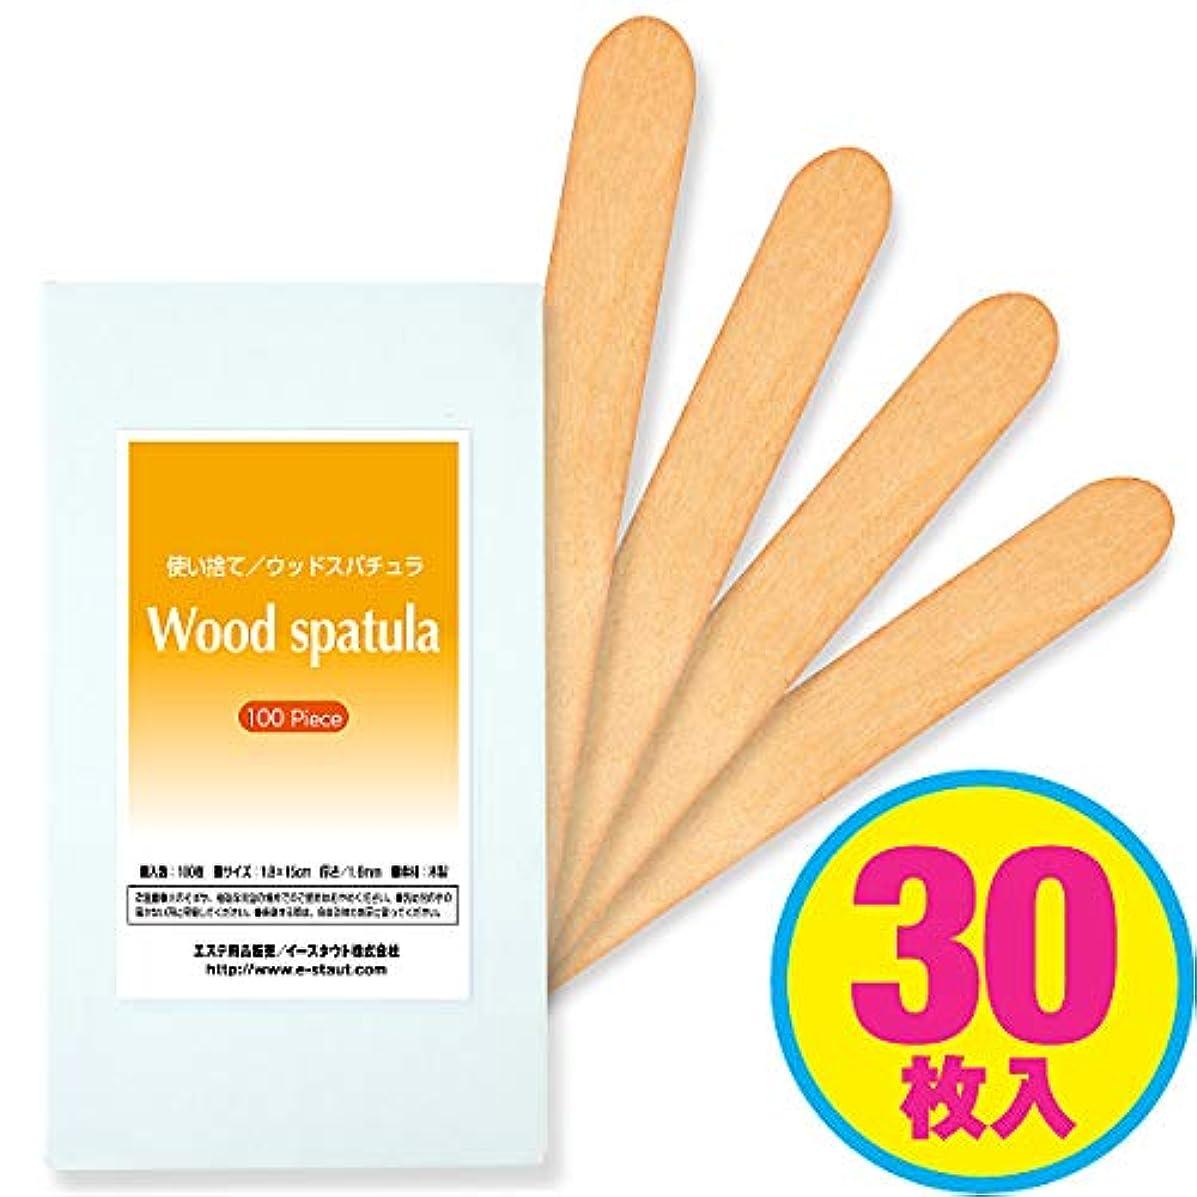 リクルート汚れる軽く使い捨て【木ベラ/ウッドスパチュラ】(業務用30枚入り)/WAX脱毛等や舌厚子にも